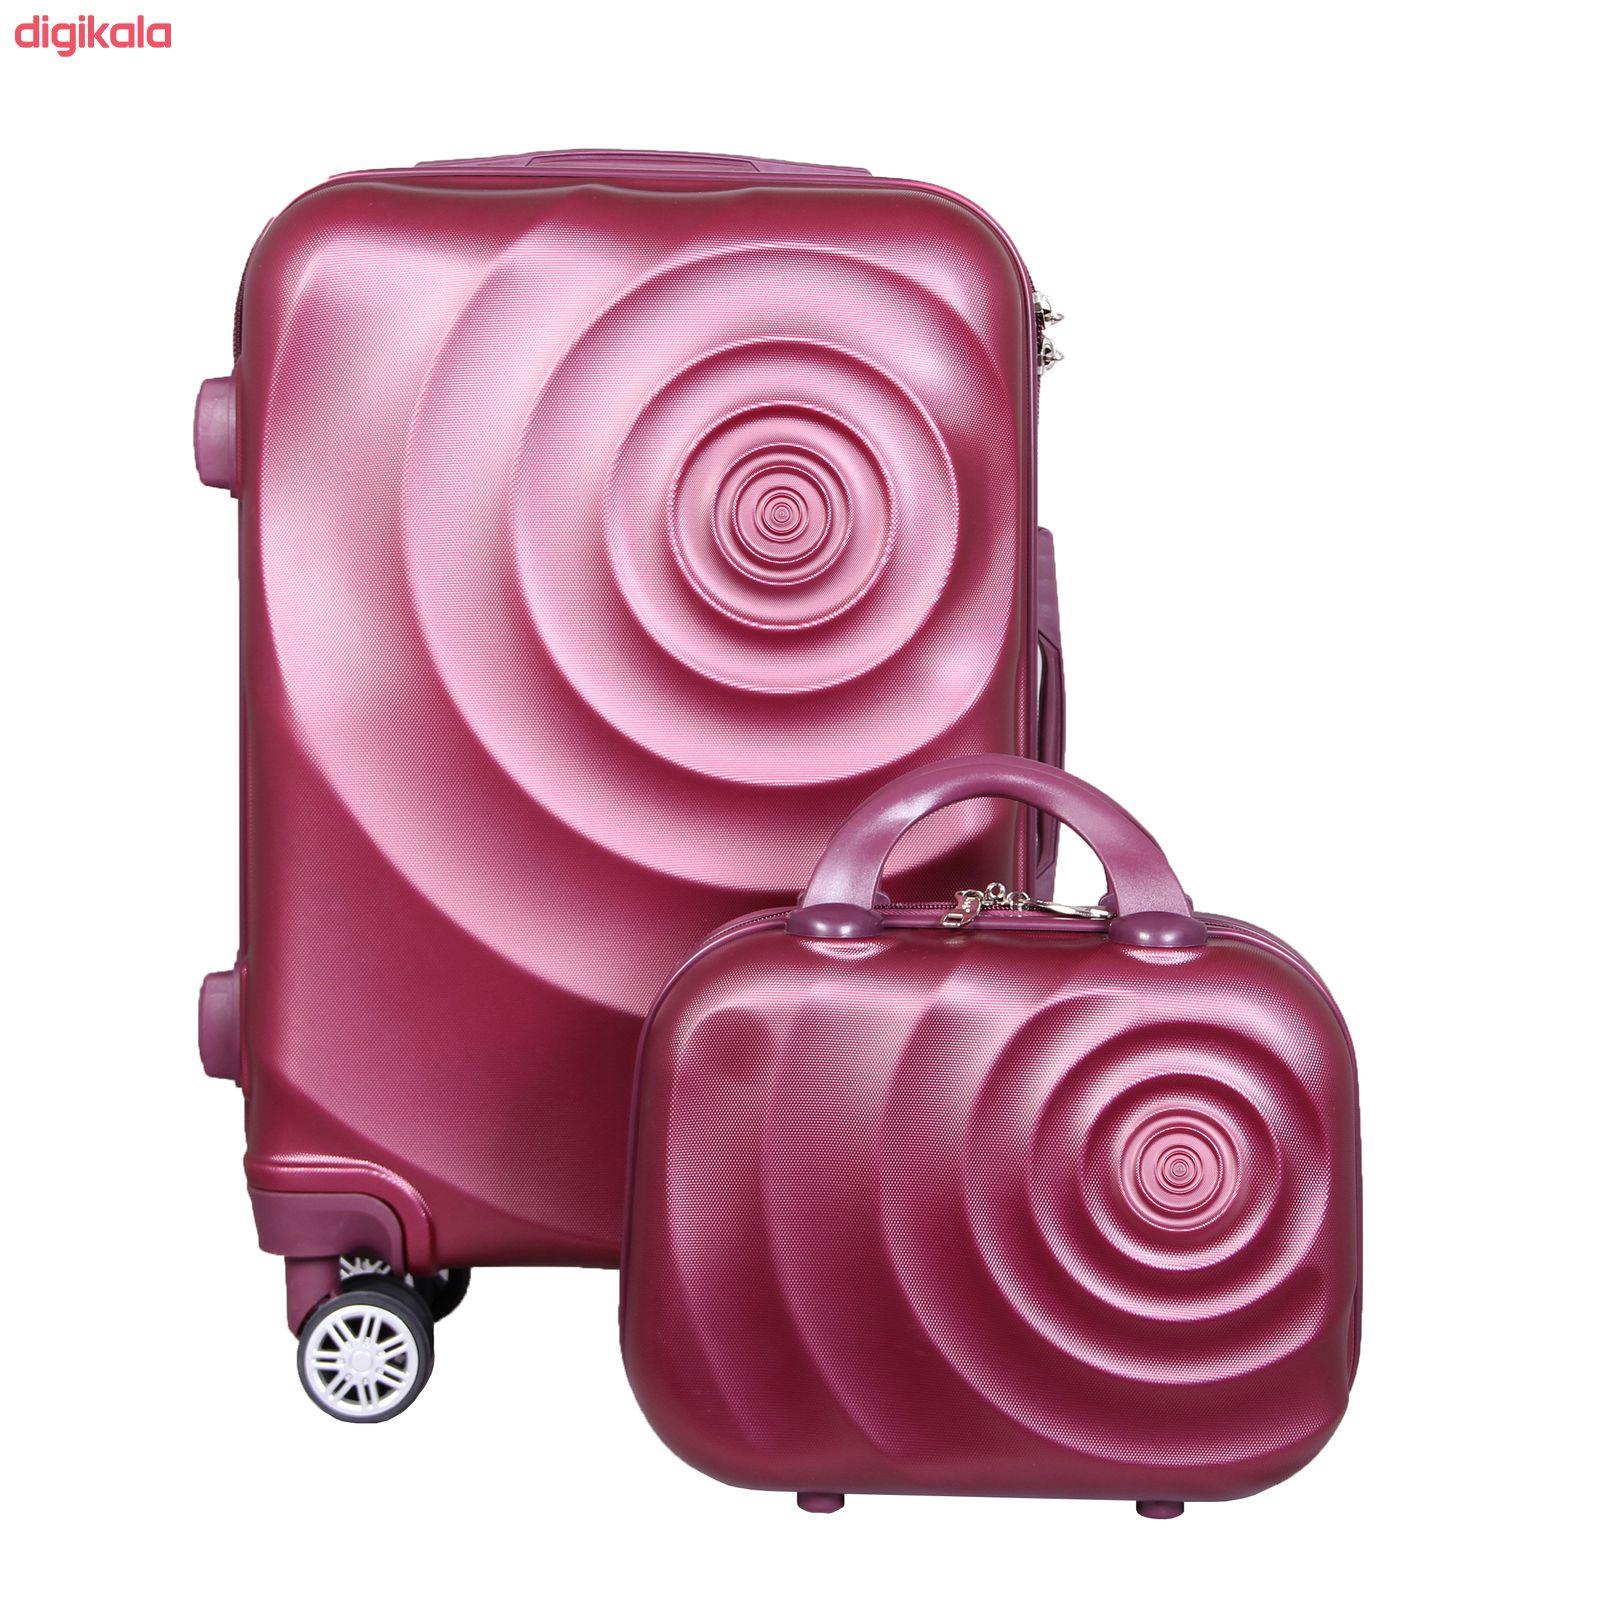 مجموعه چهار عددی چمدان مدل 319363 main 1 13